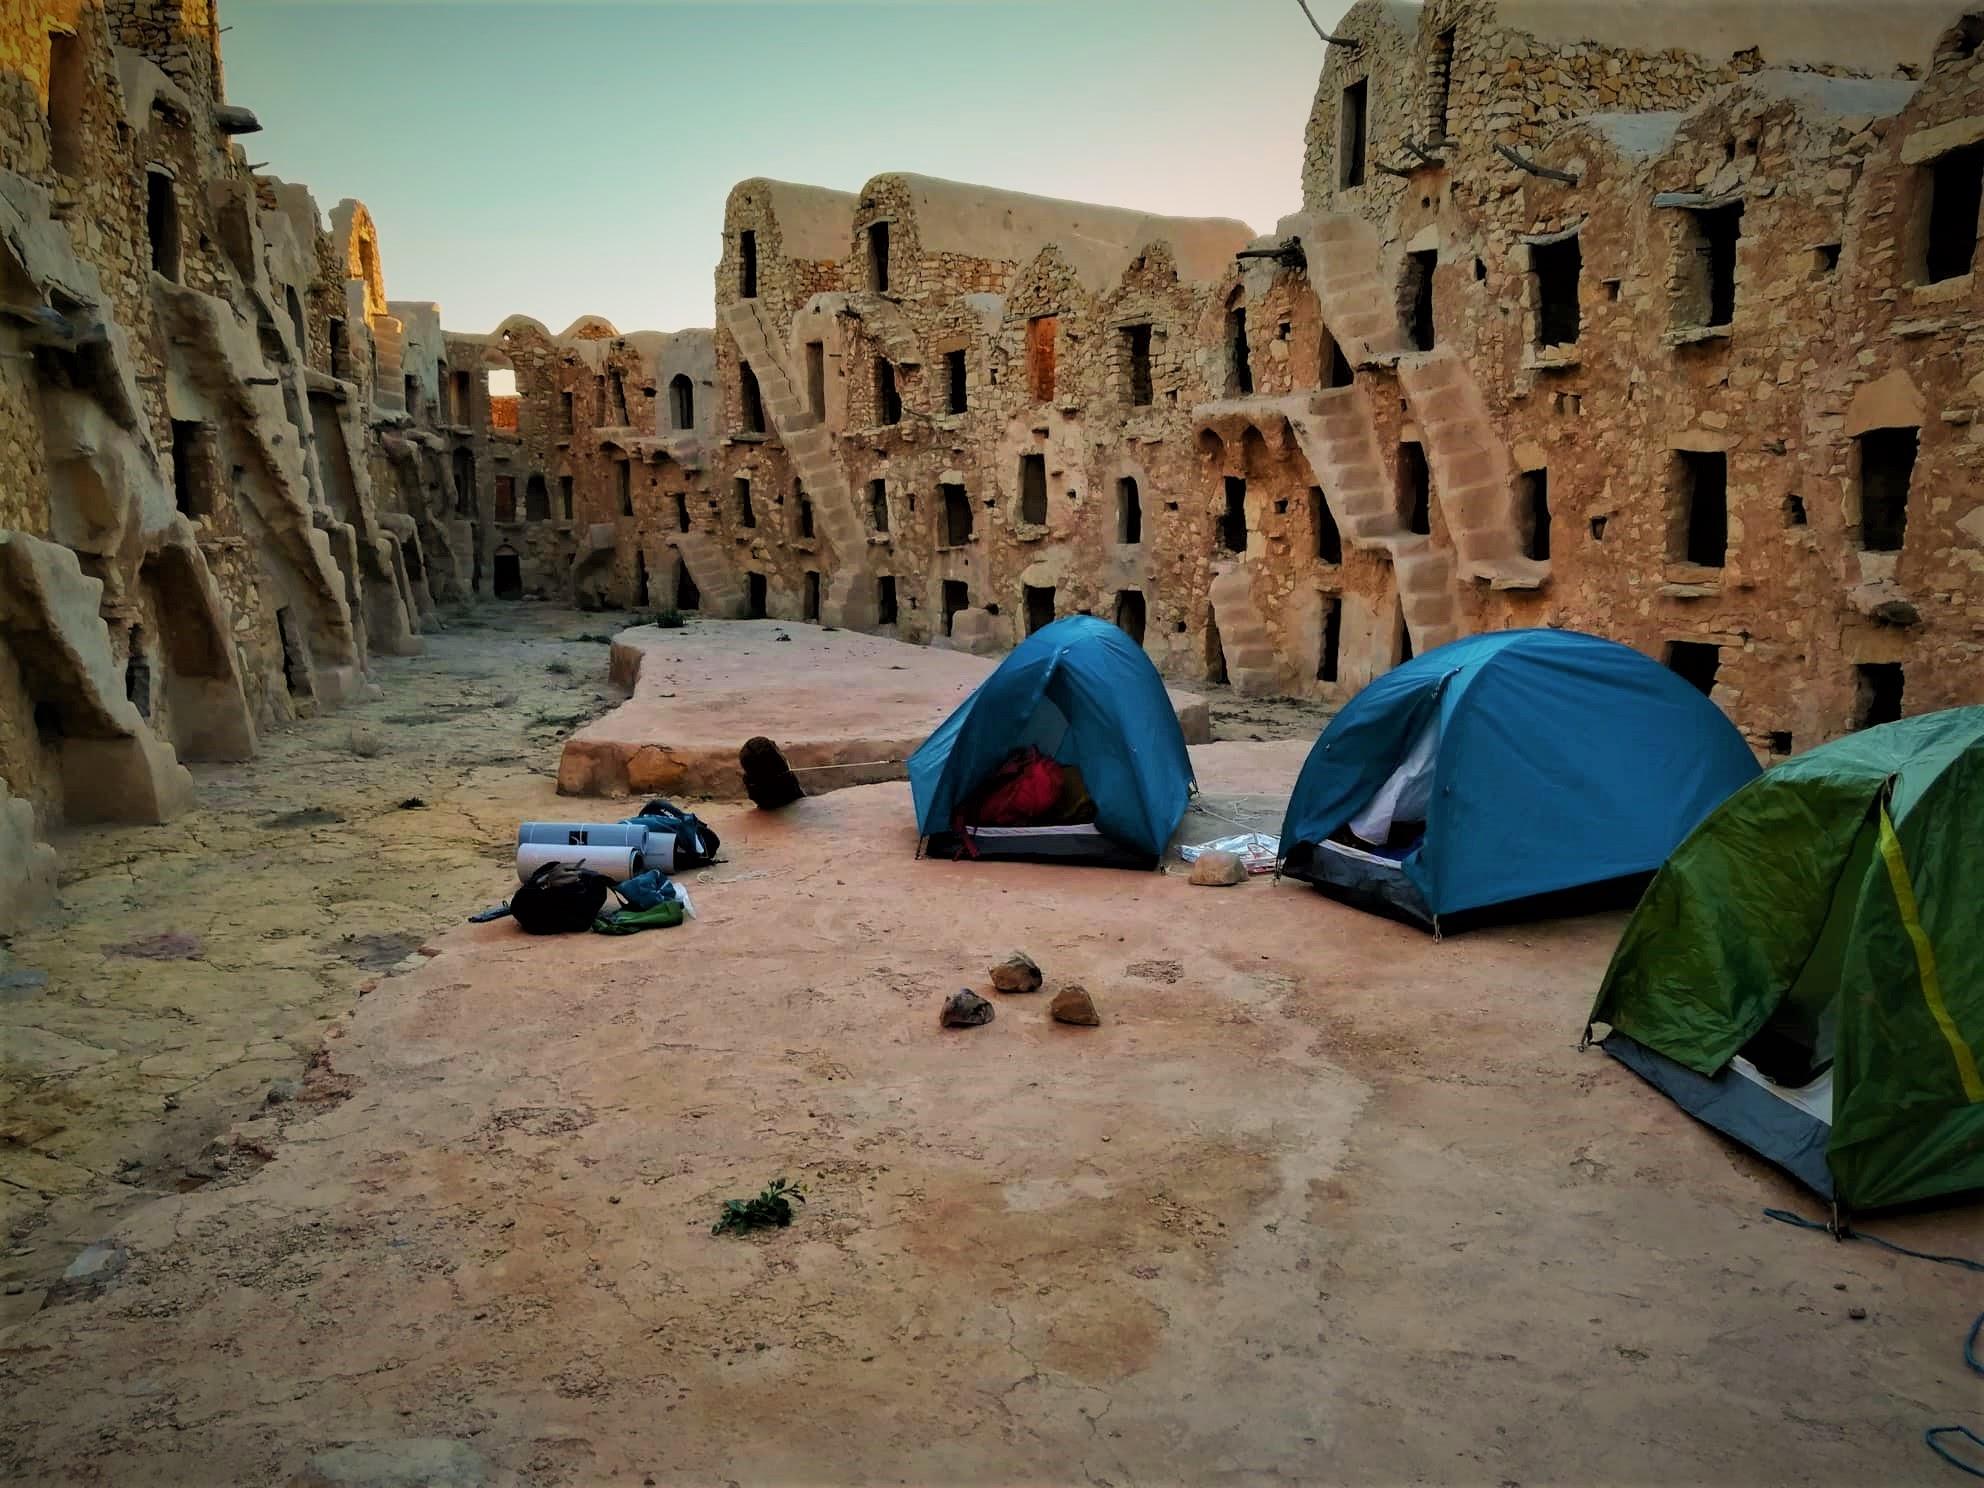 viaggio-in-tenda-sud-tunisia-villaggi-berberi